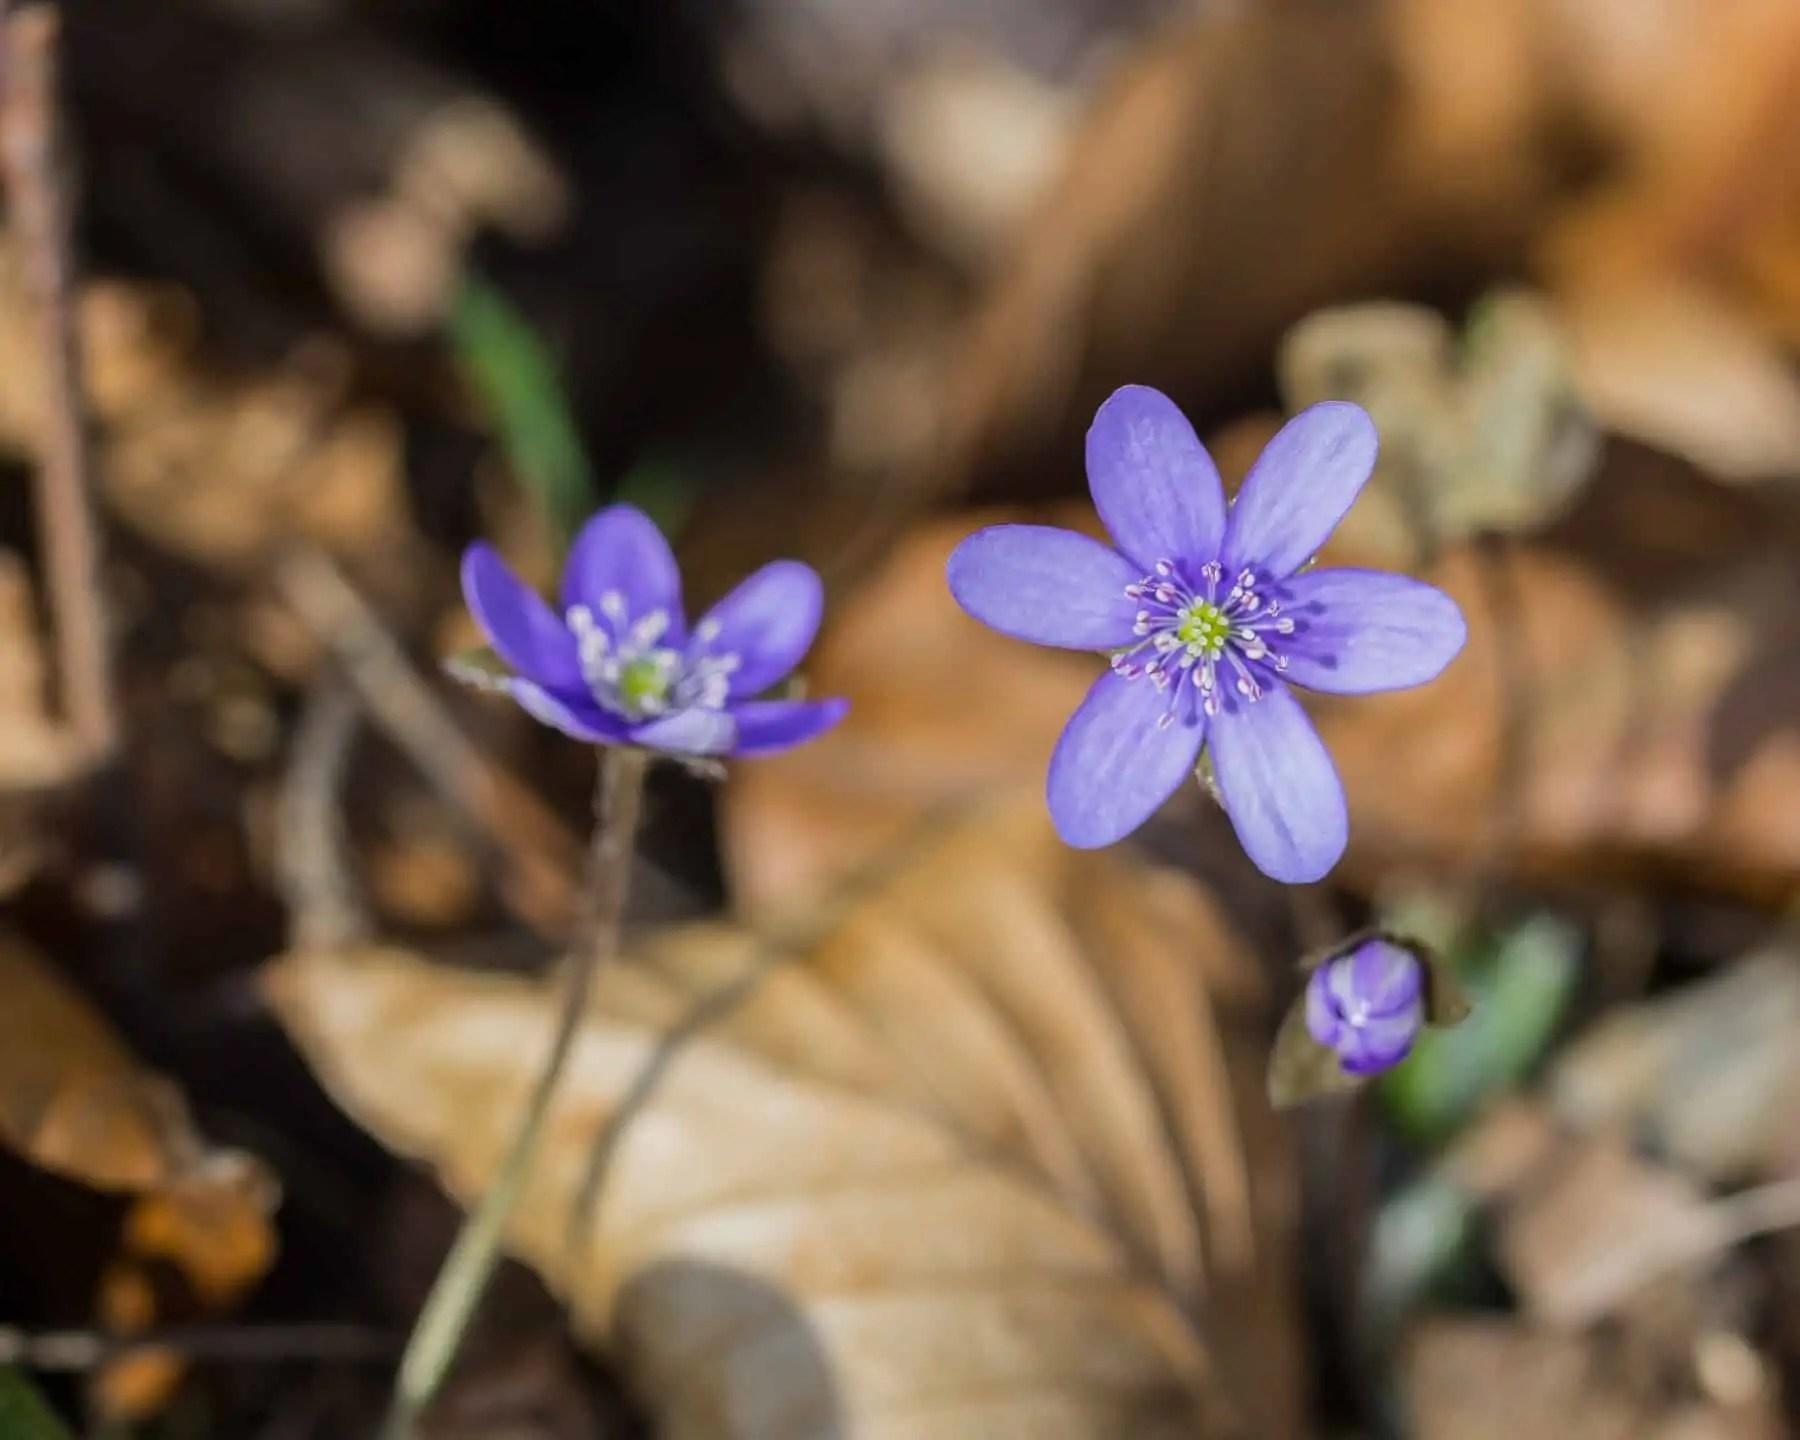 Fotografia przyrodnicza makrofotografia tamron 90 Fioletowy Kwiat leśny - Zasady kompozycji - przewodnik po 20 regułach